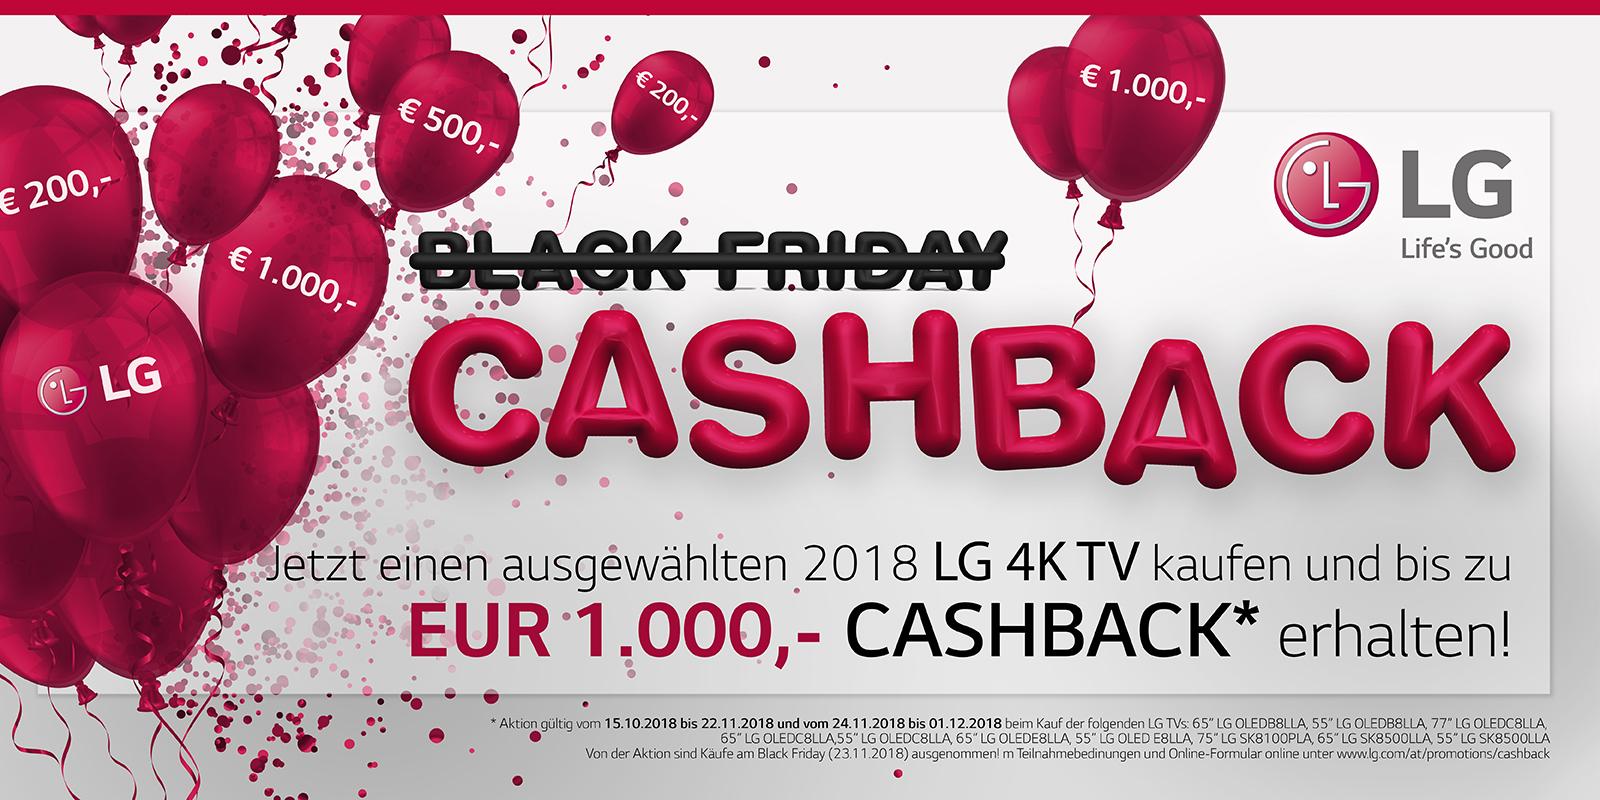 [Österreich] LG TVs Cashback bis zu 1000€ vom 15.10.2018 bis 22.11.2018 und vom 24.11.2018 bis 01.12.2018 (ausgenommen 23.11.2018)